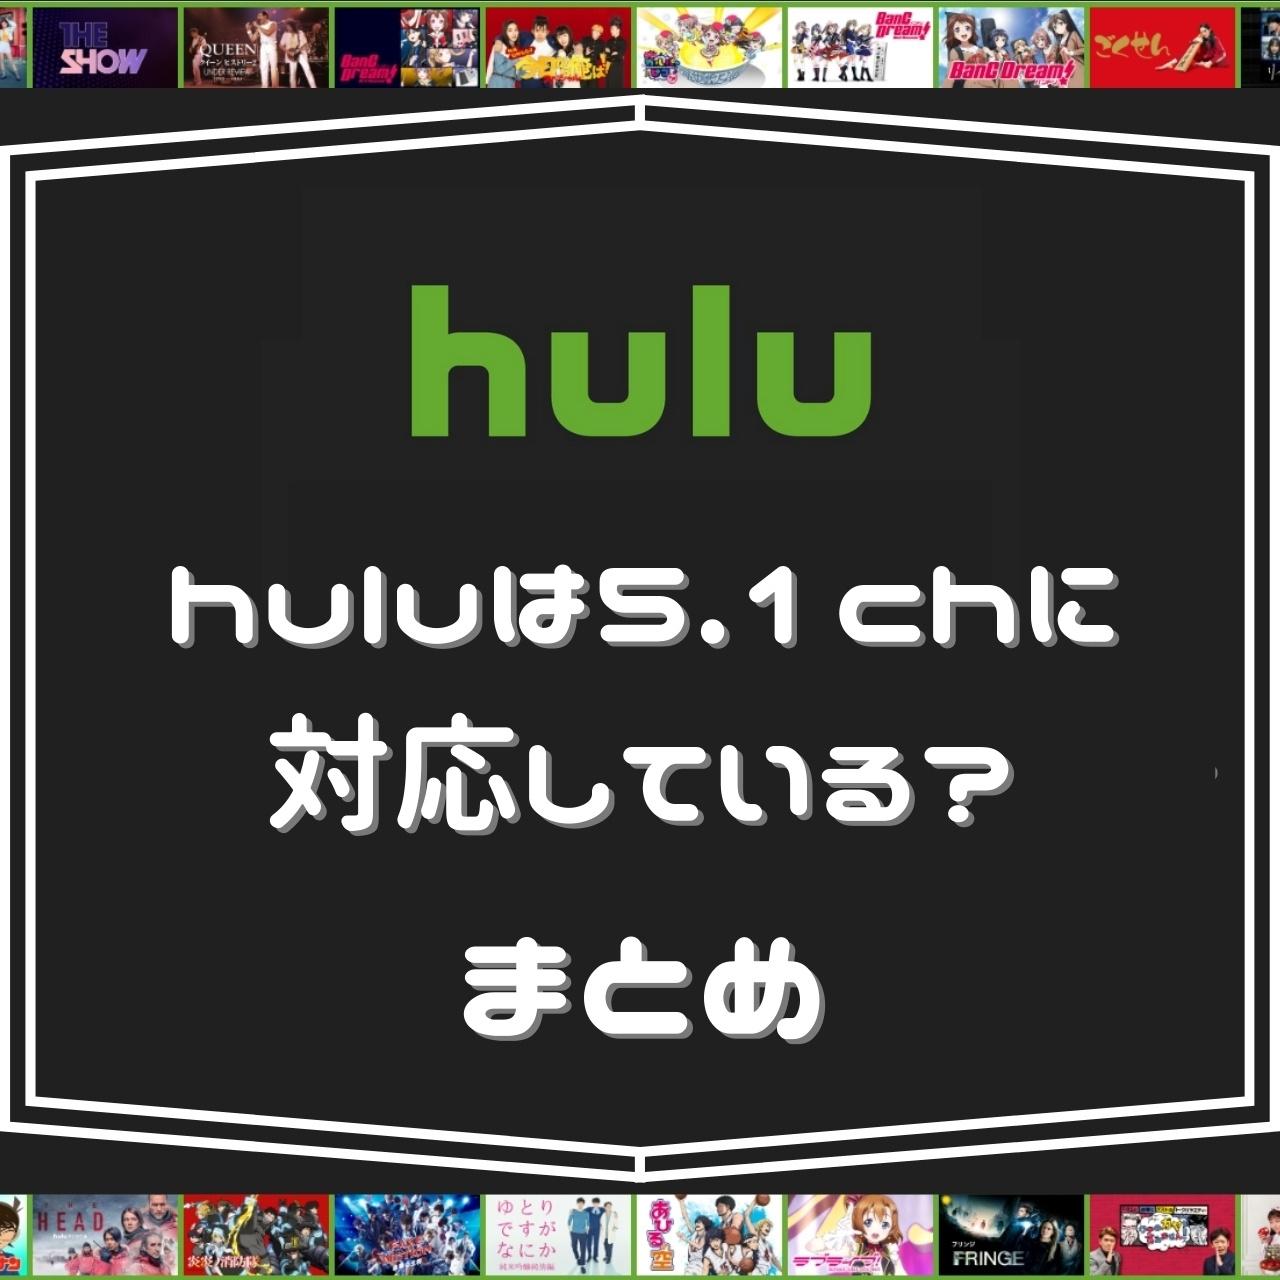 huluは5.1chに対応している?|まとめ